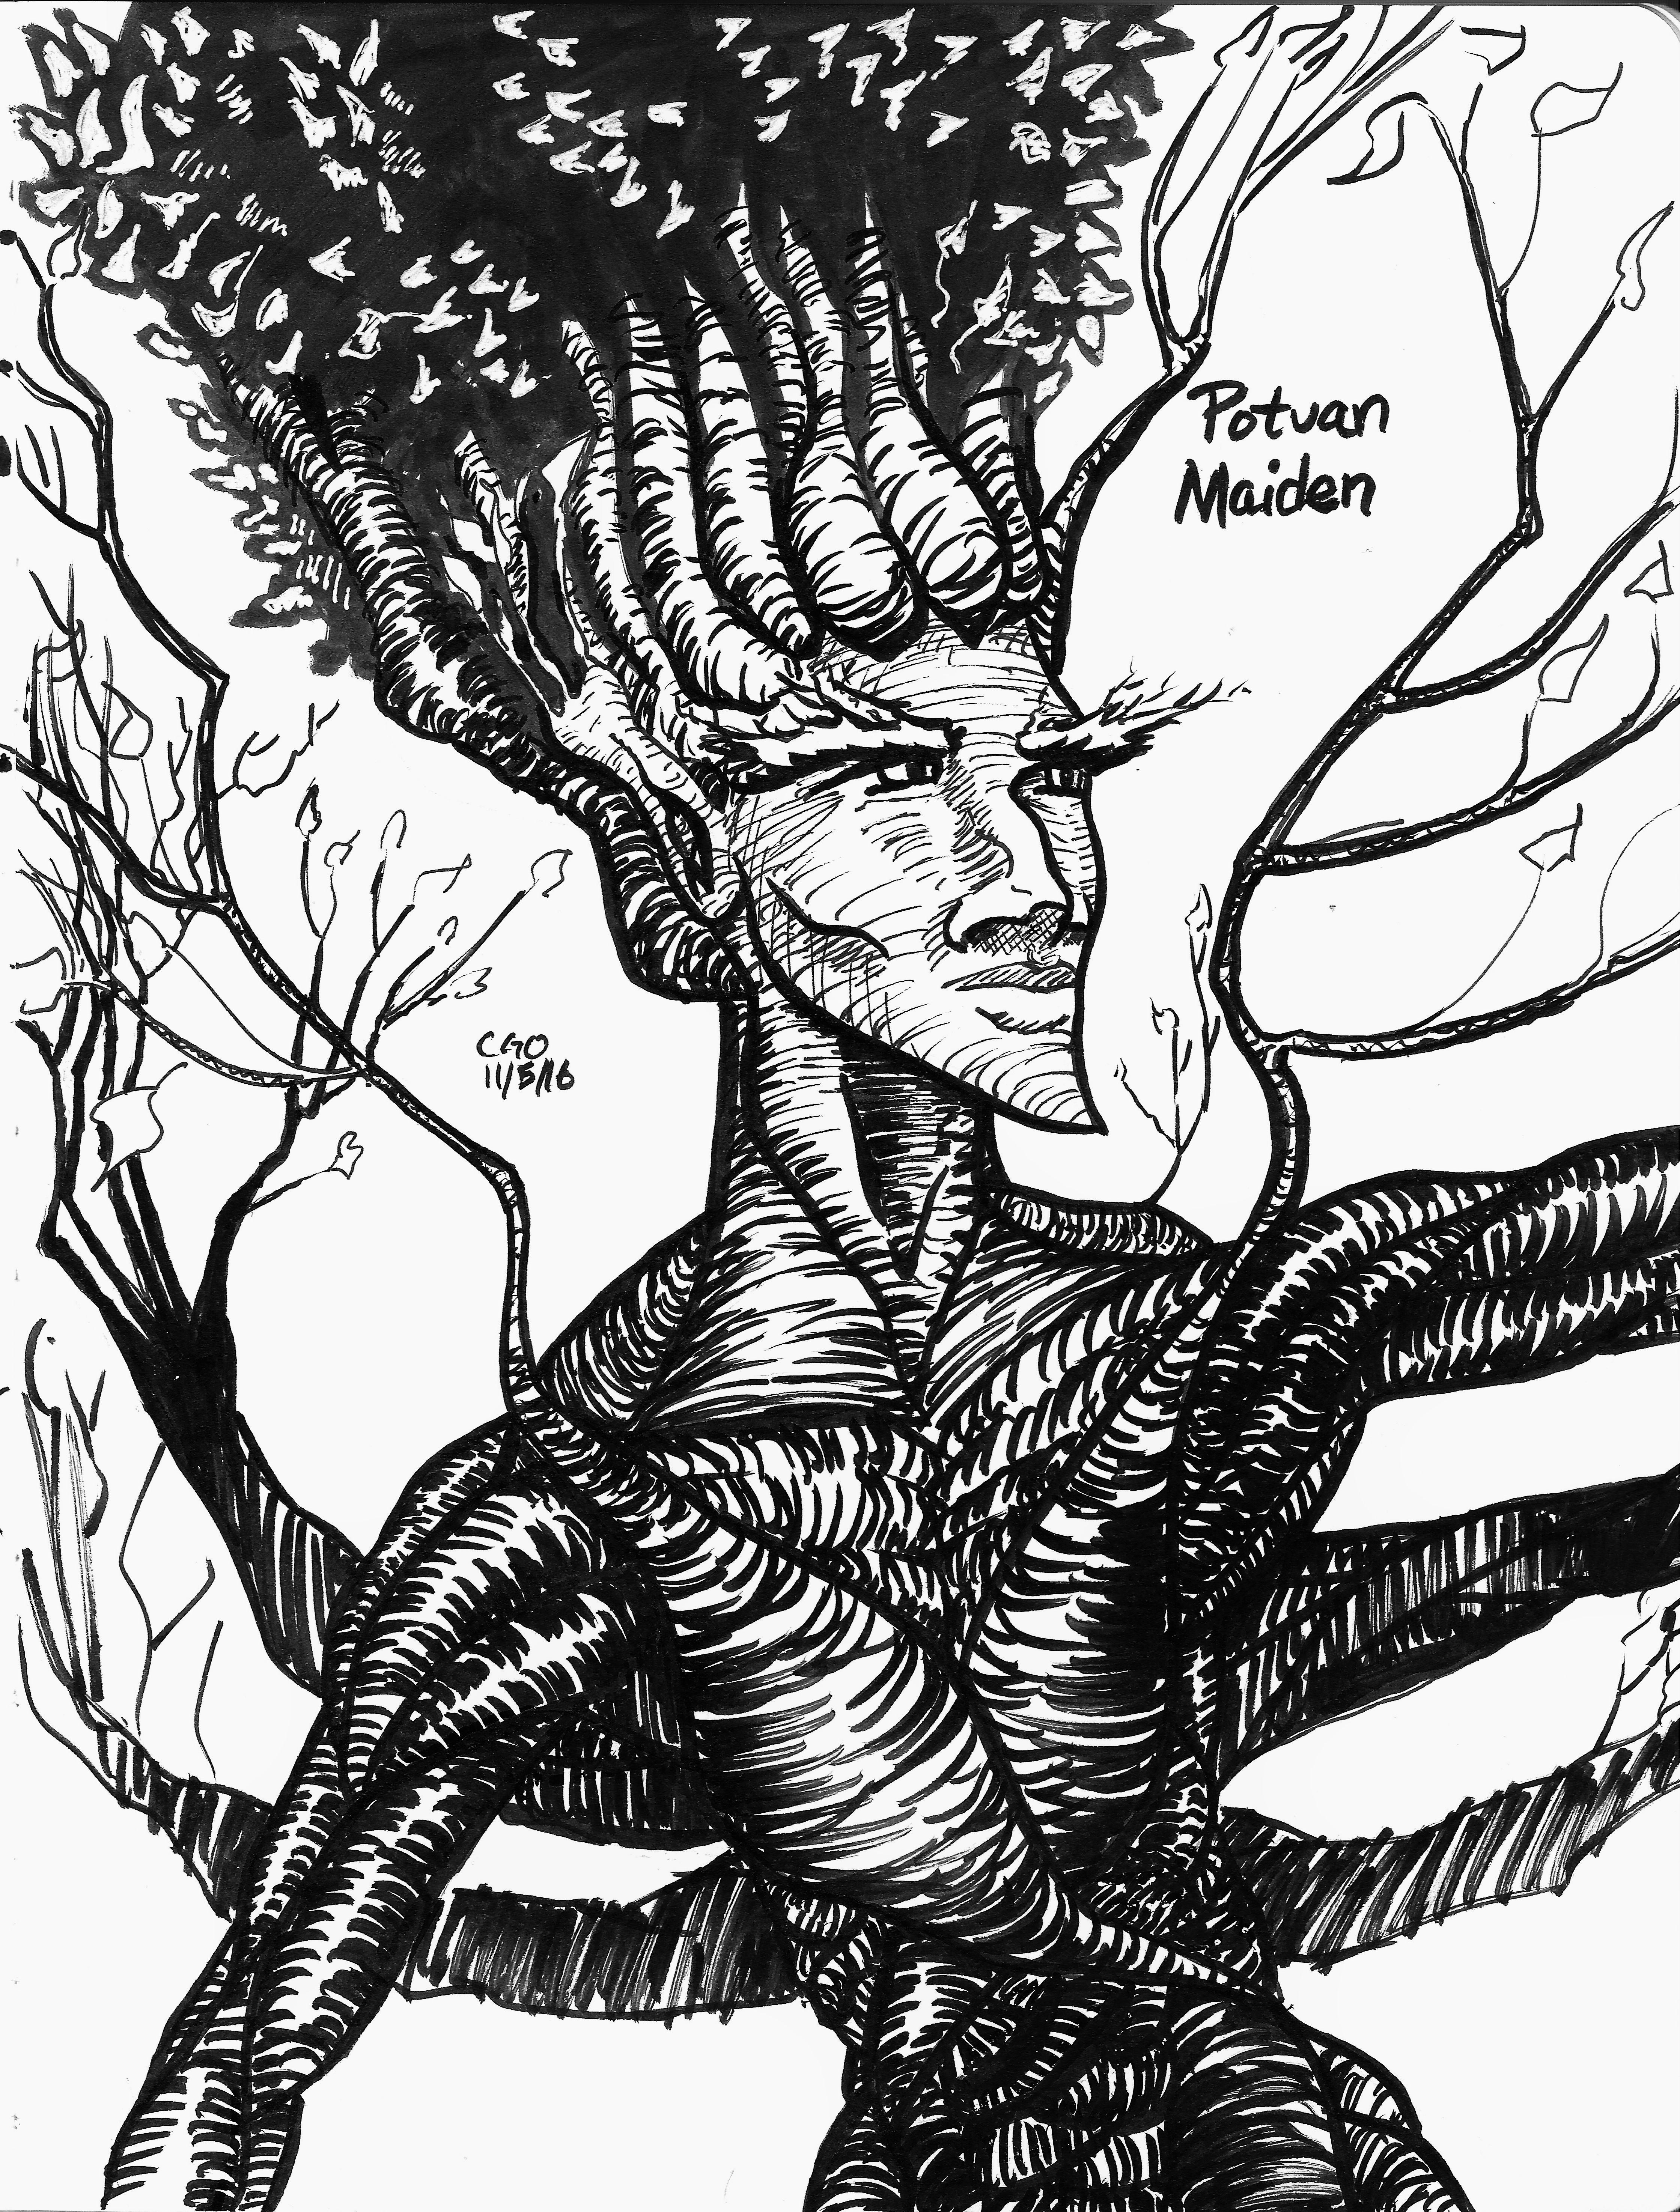 Potuan Maiden